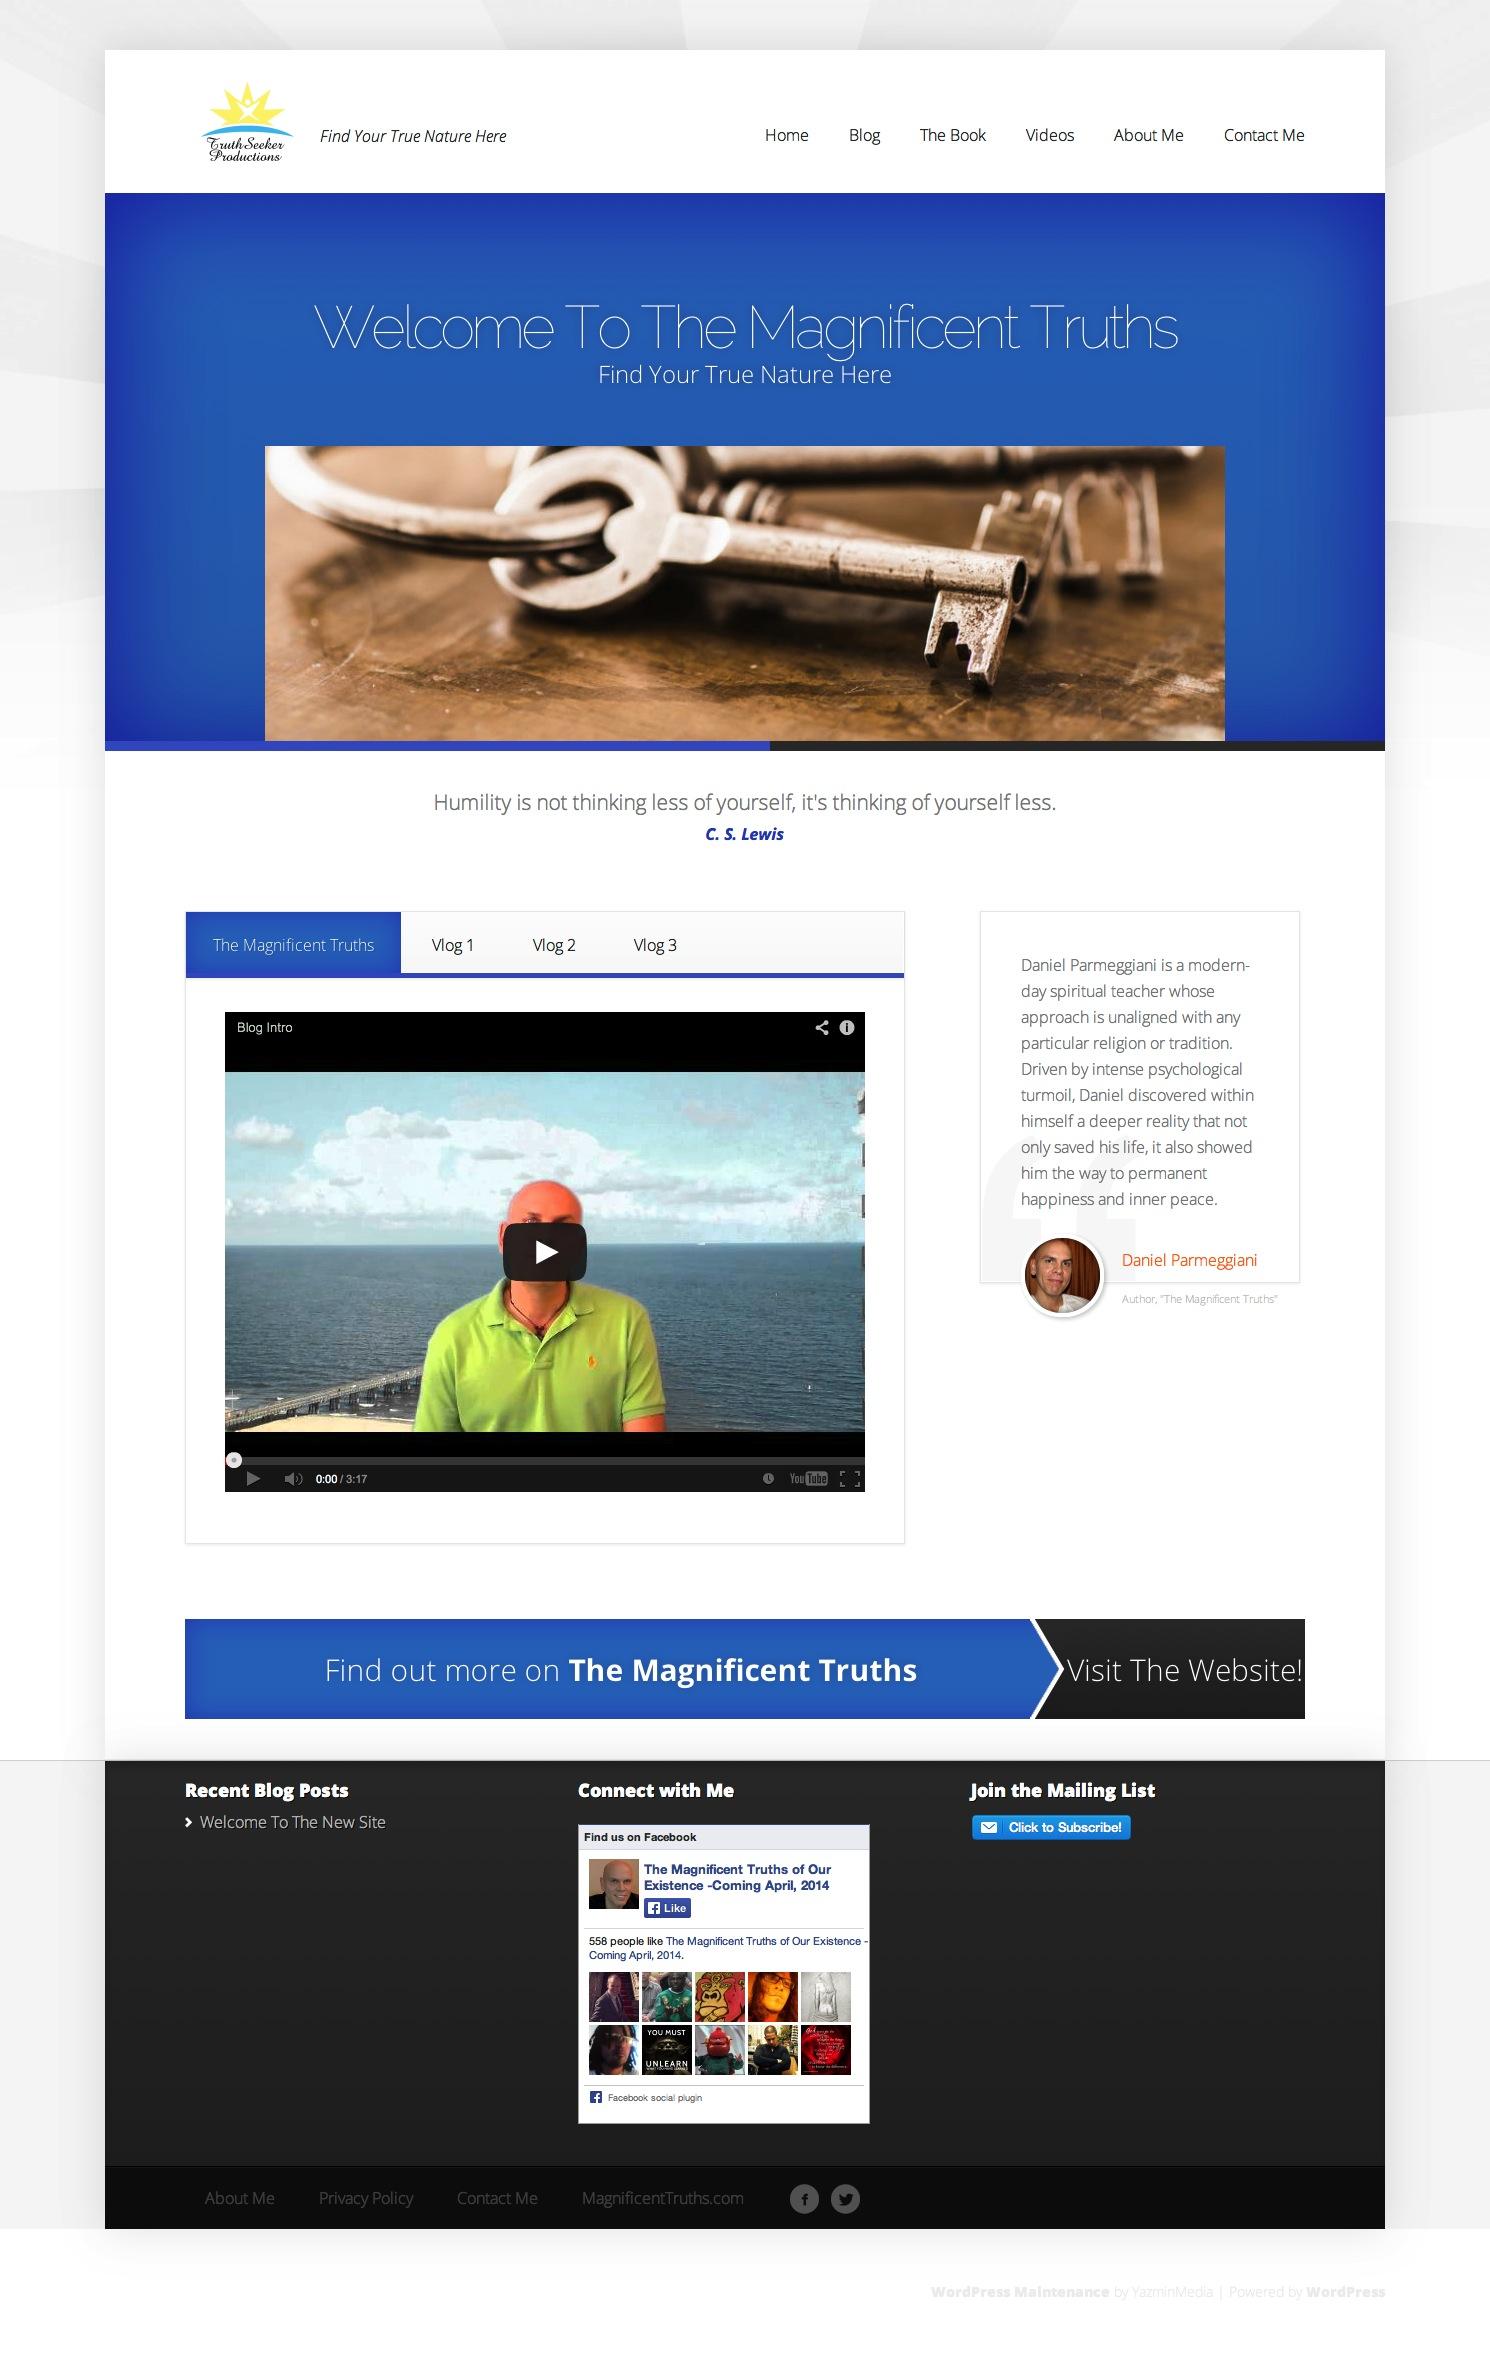 Website Launch: Daniel Parmeggiani